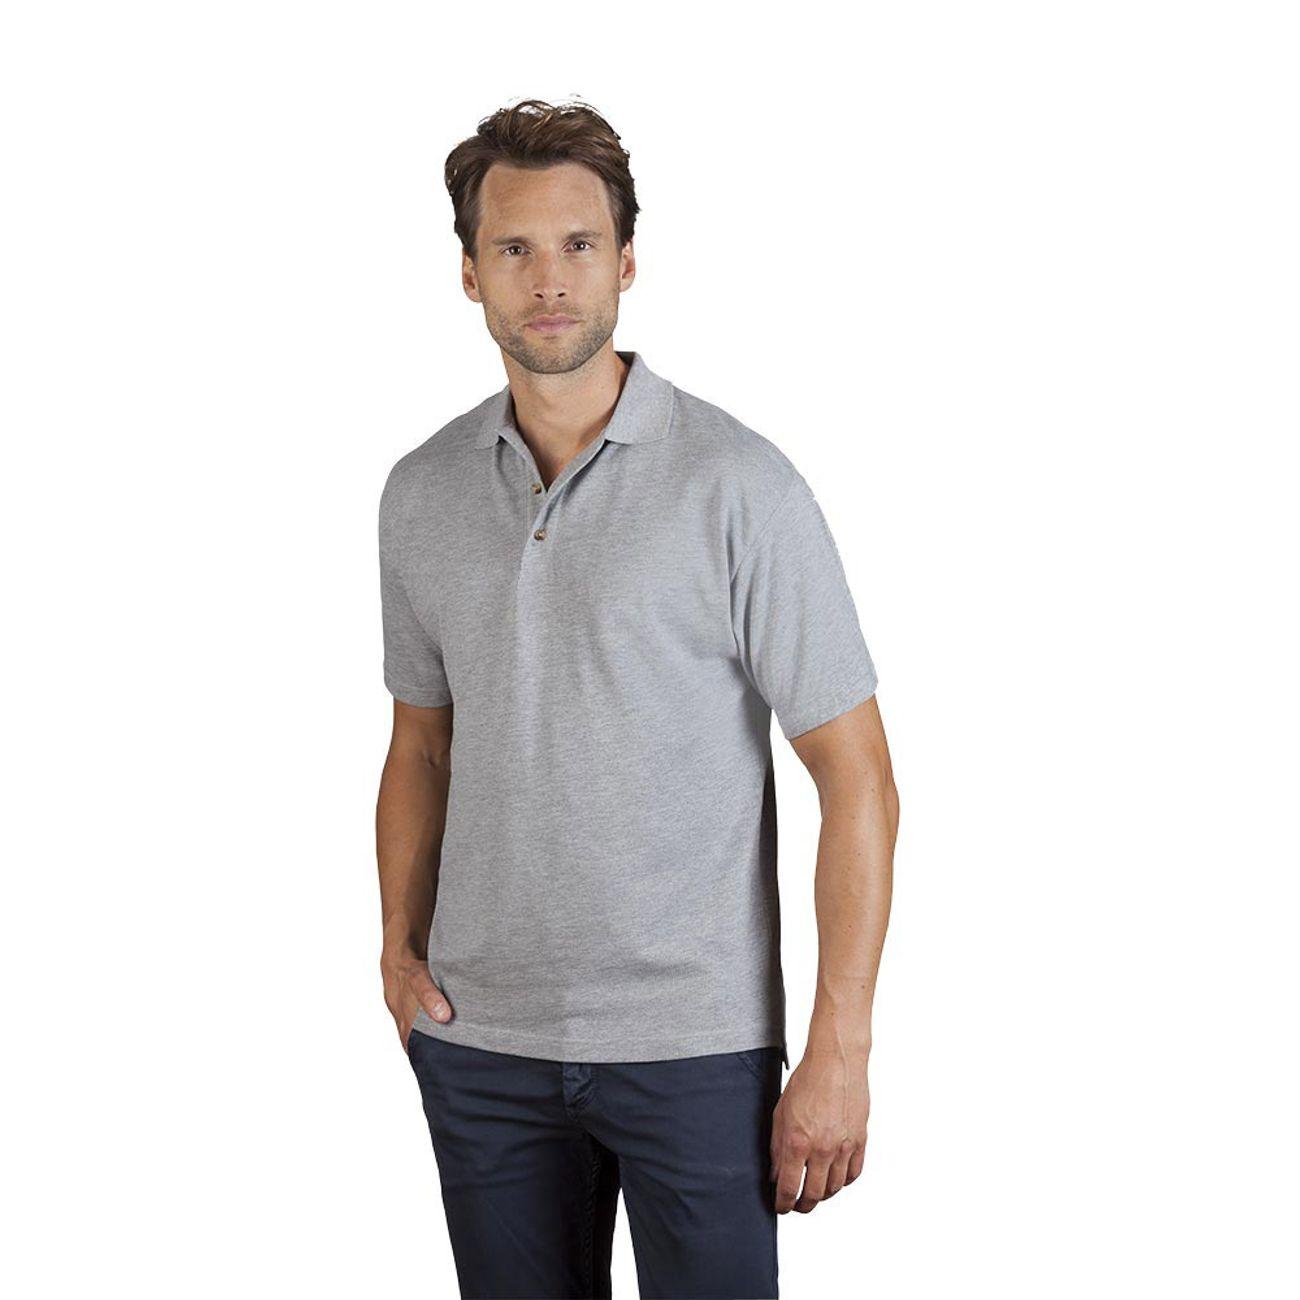 polo homme en coton grande taille achat et prix pas cher go sport. Black Bedroom Furniture Sets. Home Design Ideas